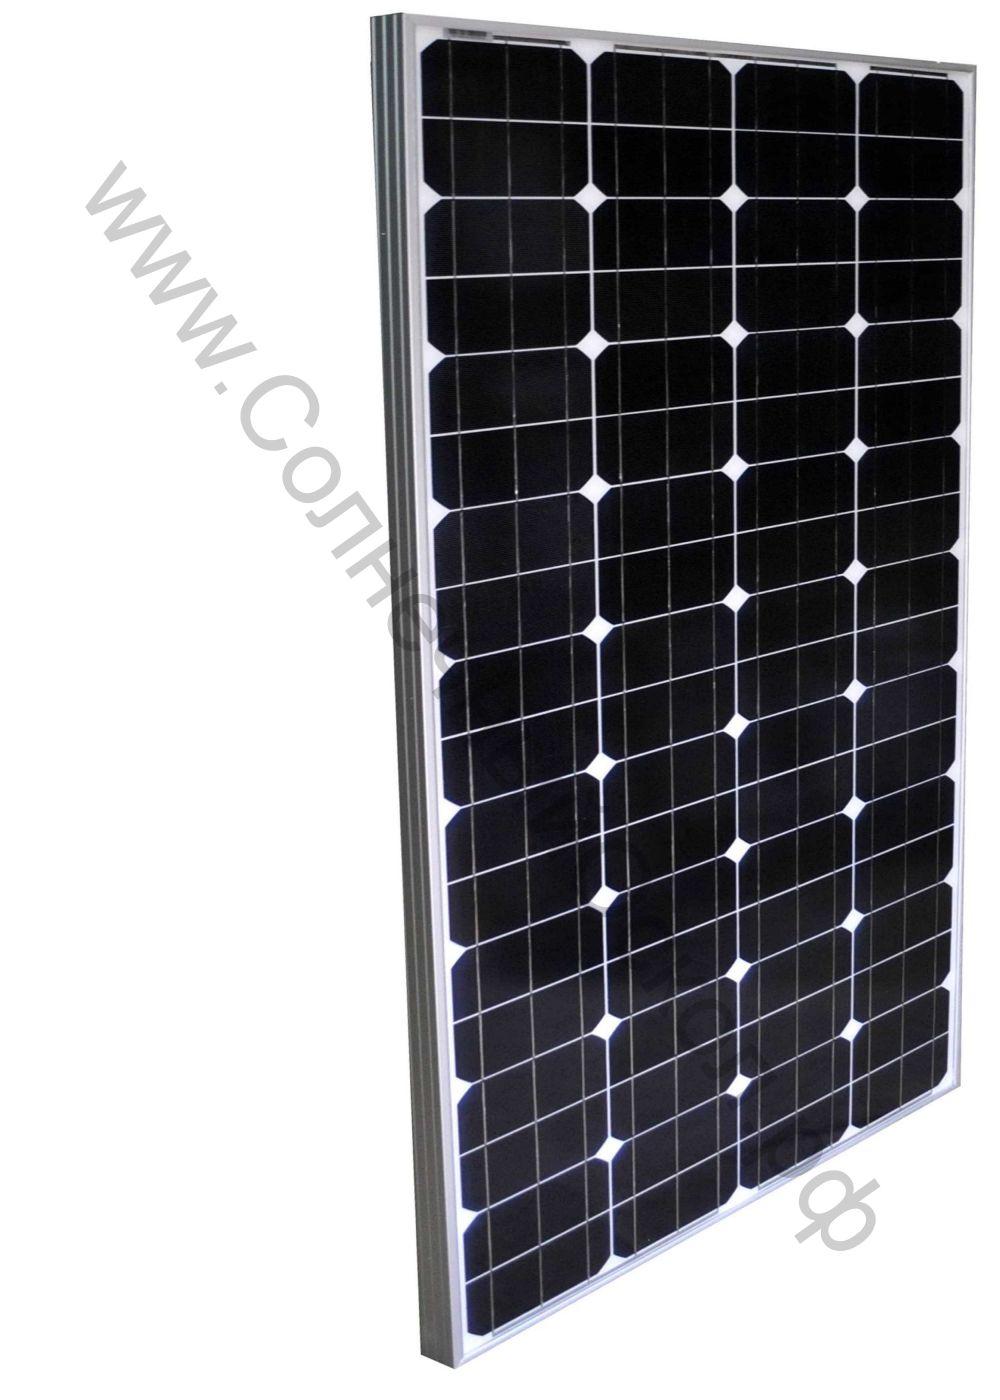 Монокристаллическая солнечная панель WDNY-180C